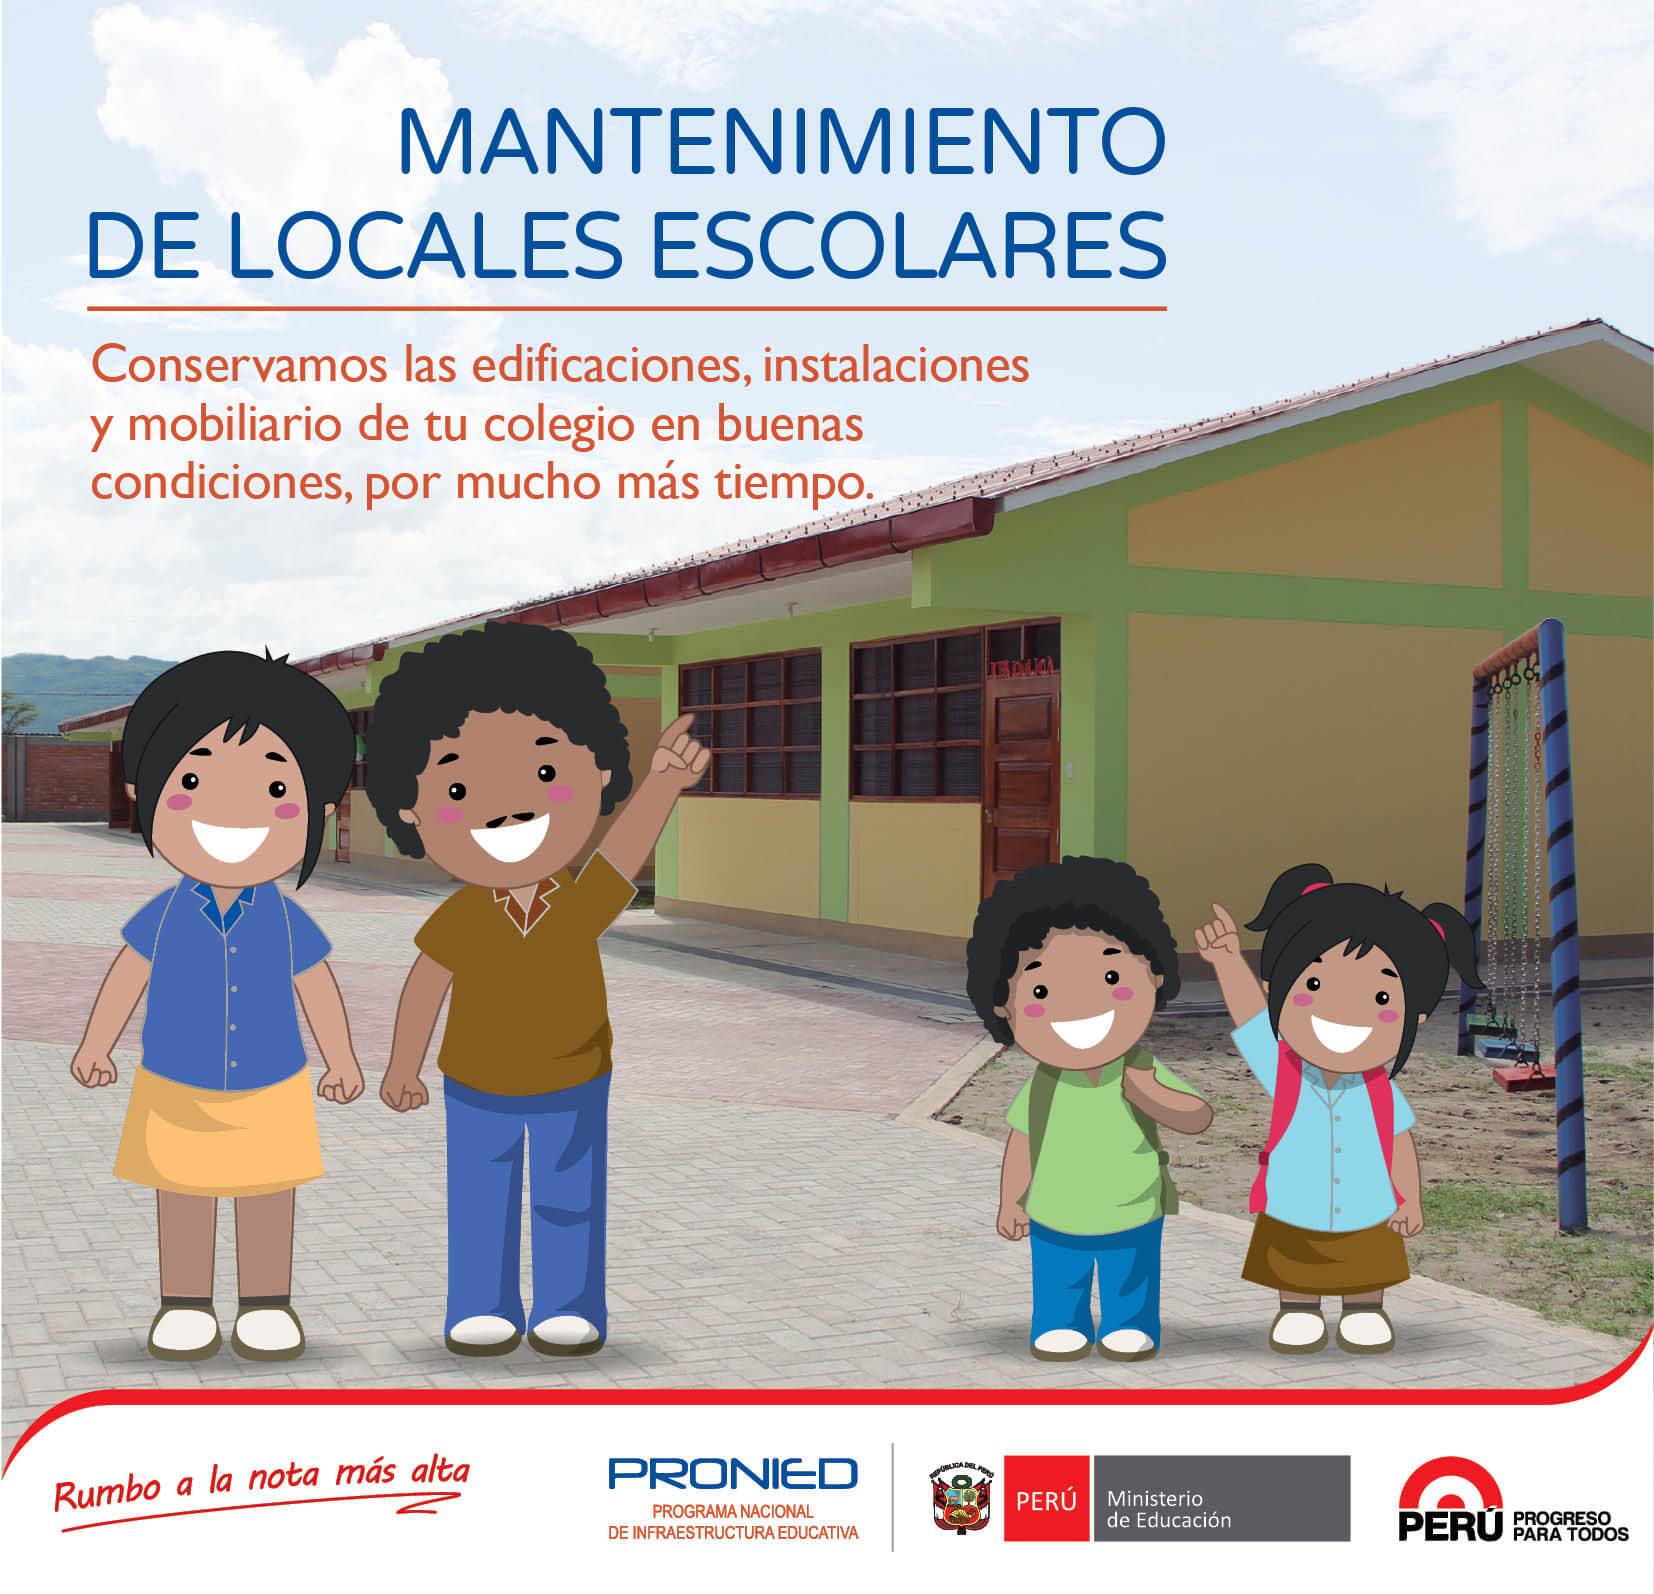 SE COMUNICA CON URGENCIA A TODOS LOS DIRECTORES RESPONSABLES DEL MANTENIMIENTO DE LOCALES ESCOLARES  PARA EL PERIODO 2017-I